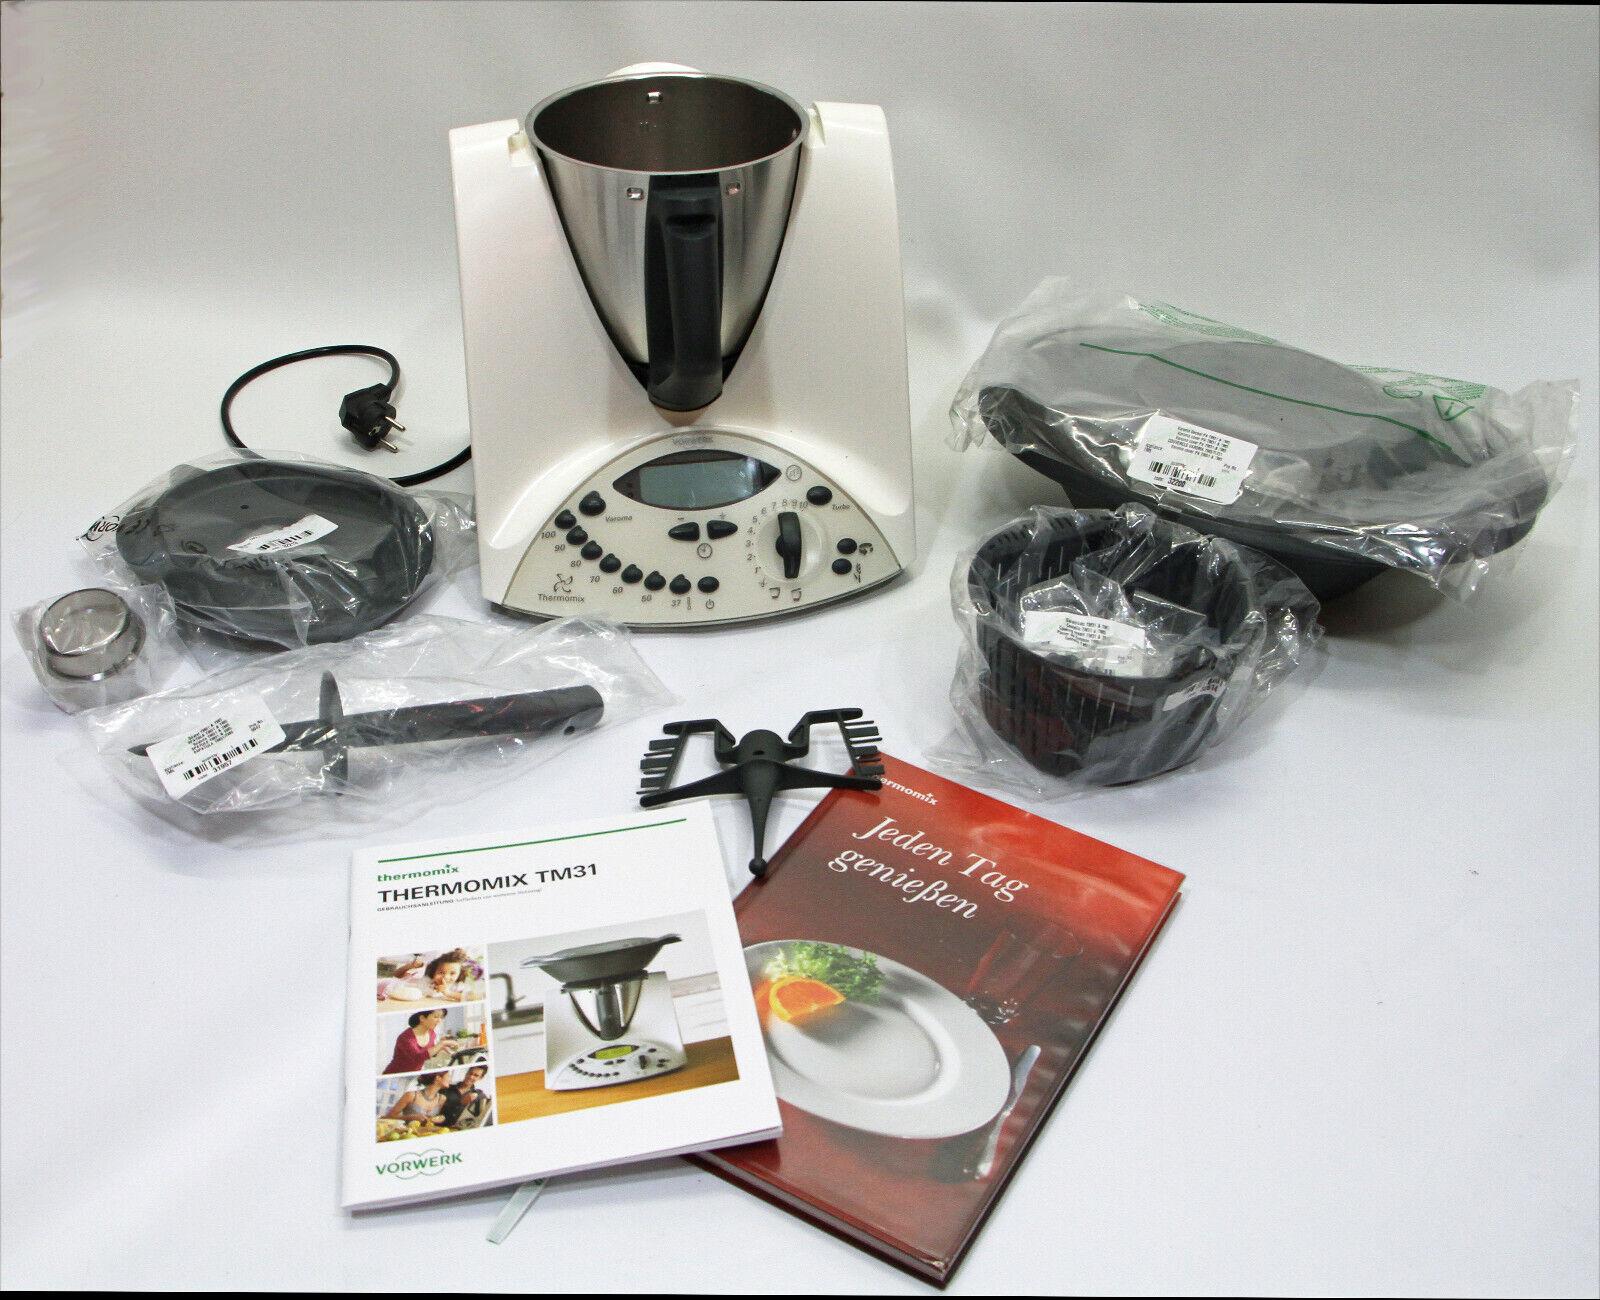 Thermomix TM31, Vorwerk, Küchenmaschine, gebraucht mit neuem Original Zubehör